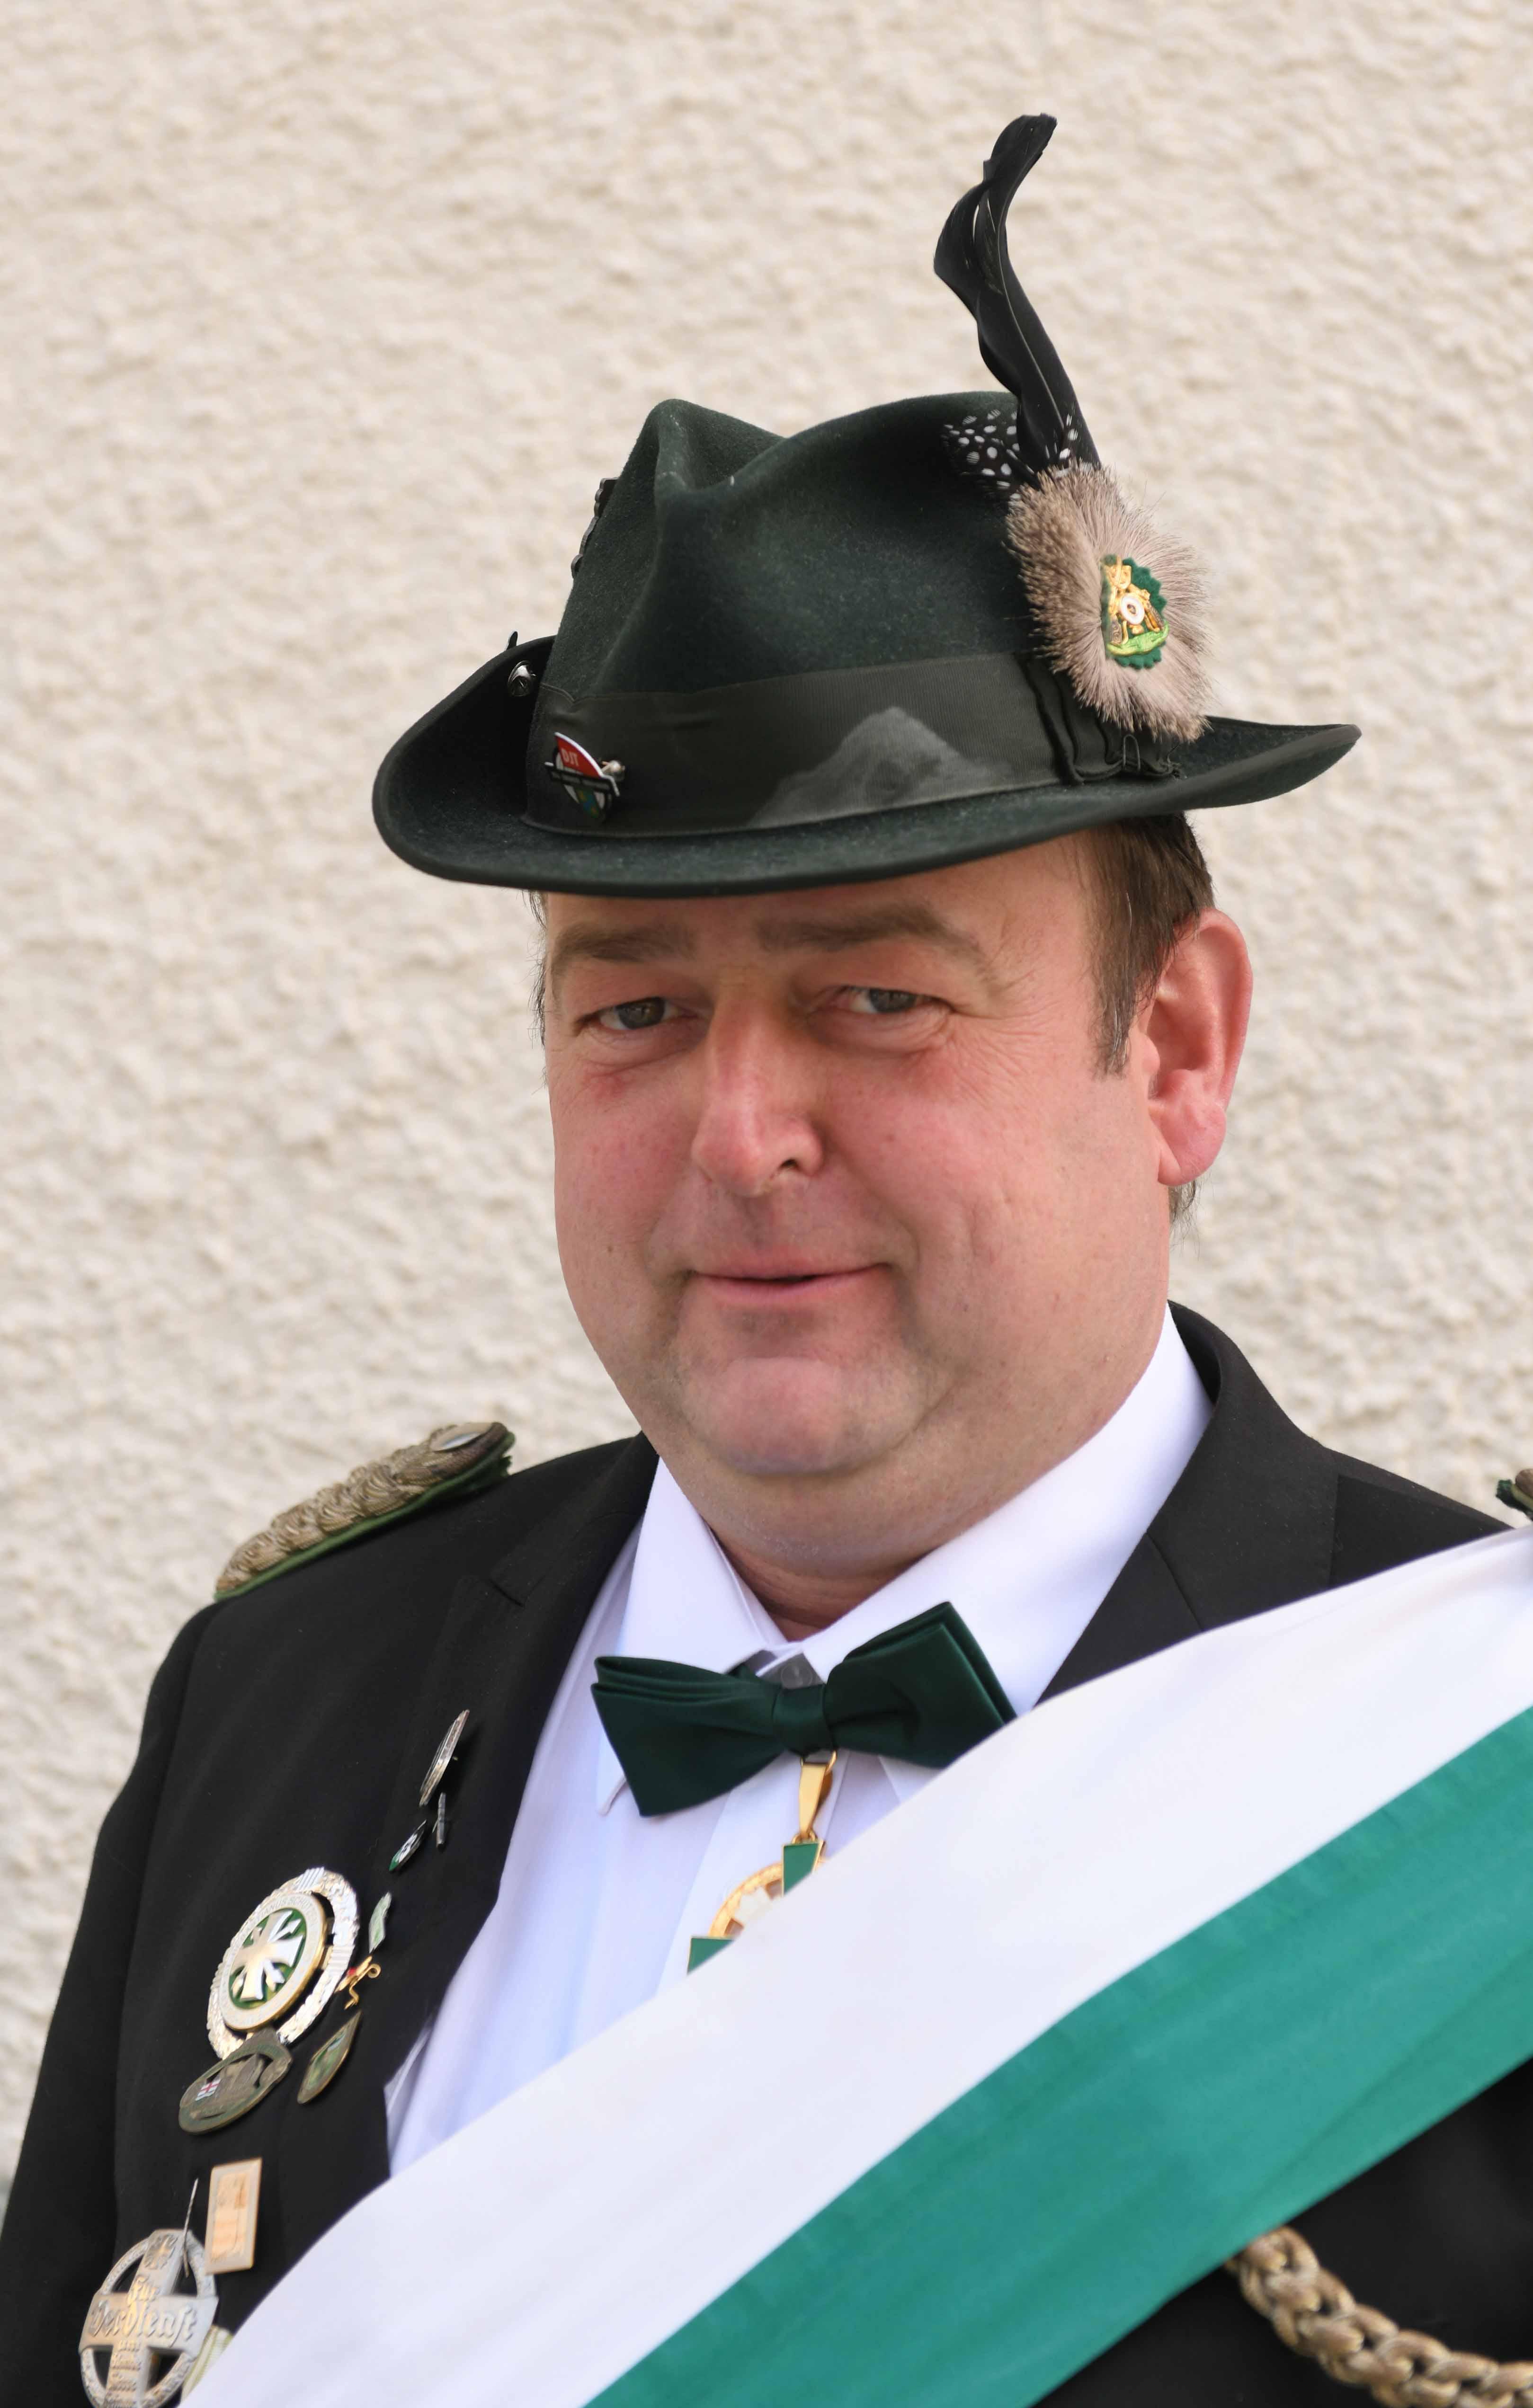 Bernhard Wulf